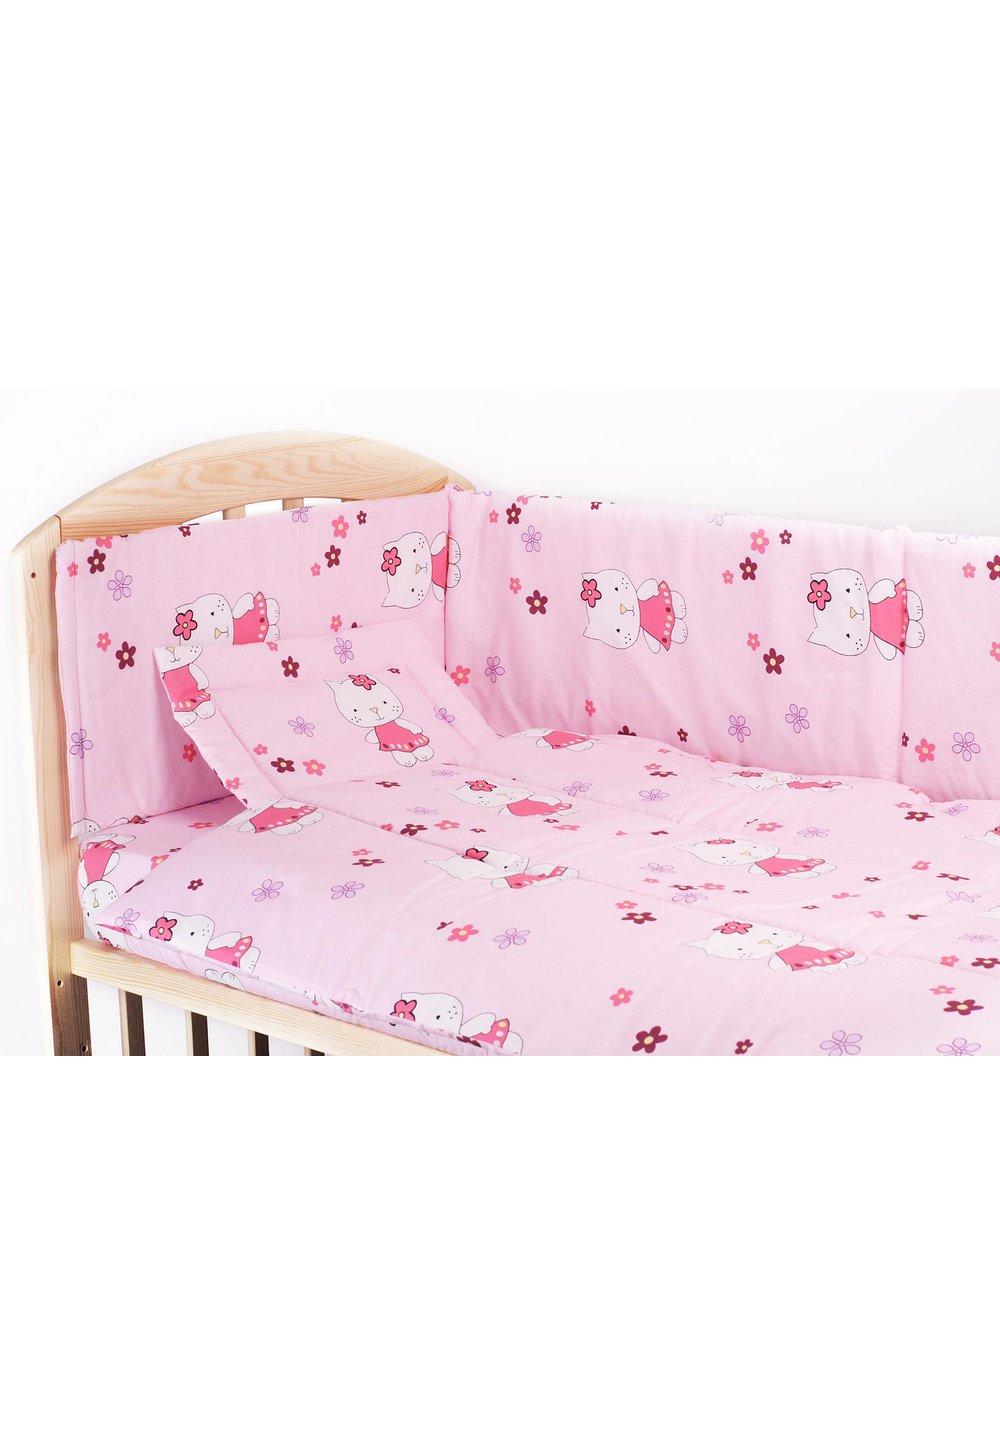 Lenjerie 5 piese kitty roz, 120 x 60 cm imagine